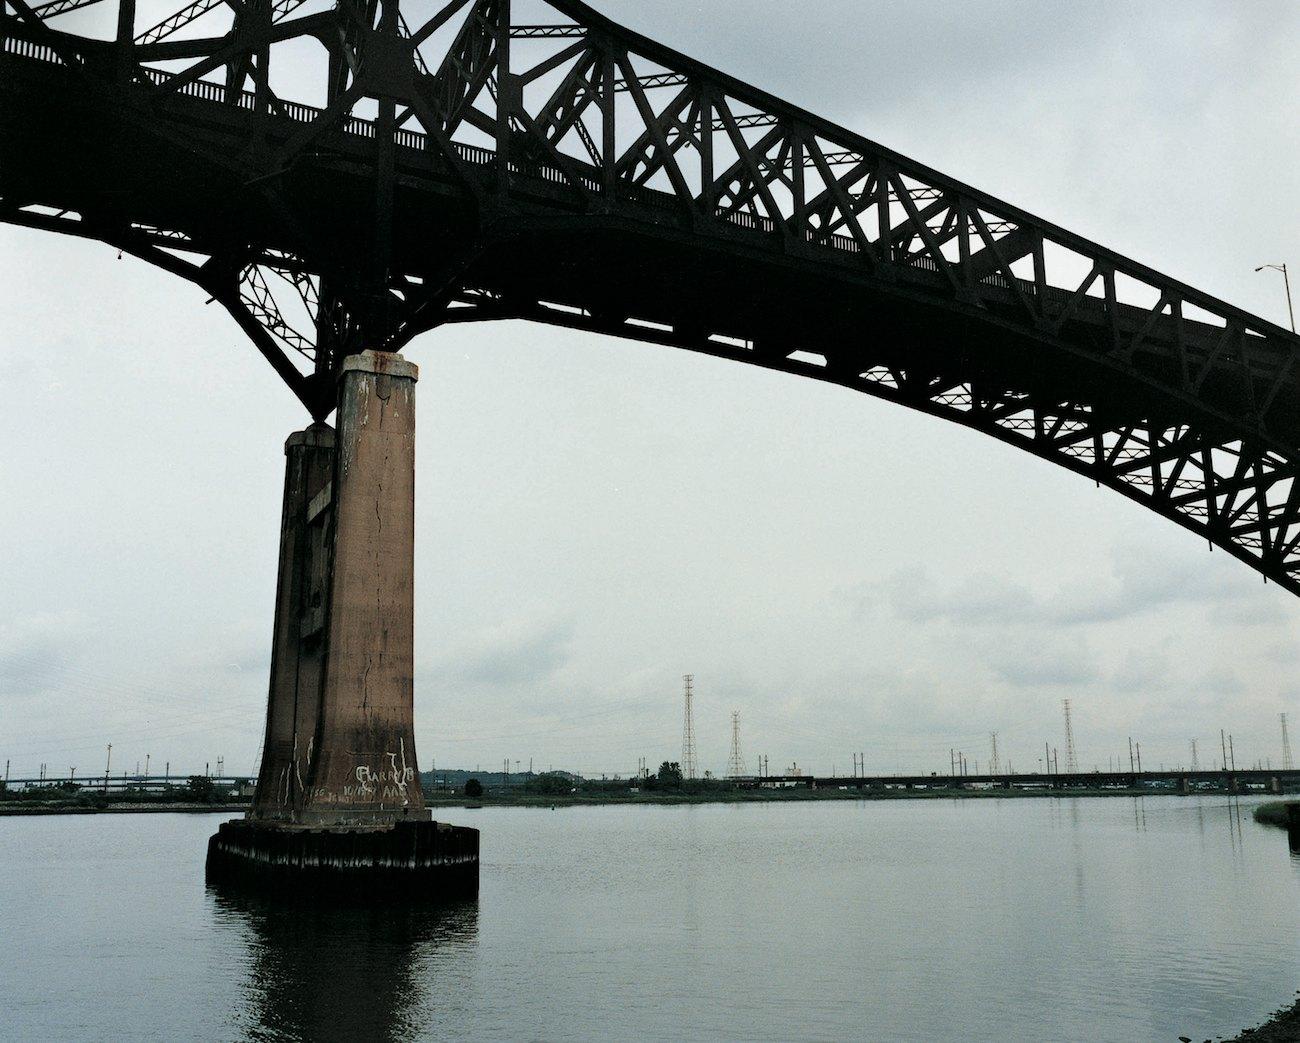 Bridge over Hackensack, 2006, c-print, 100 x 125 cm